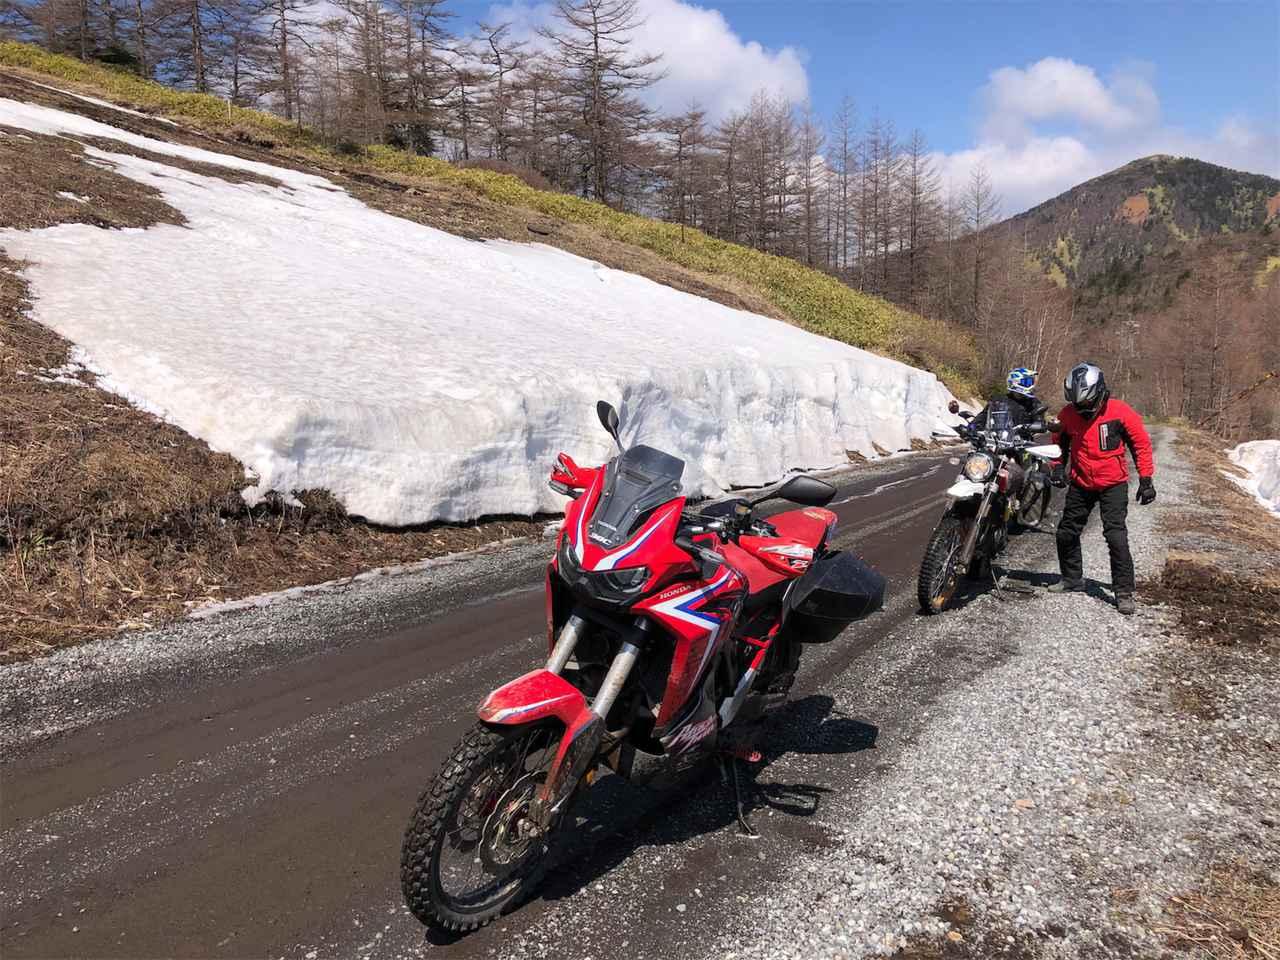 画像3: 外は雪景色、ビッグバイク3台は山を下りられるのか?